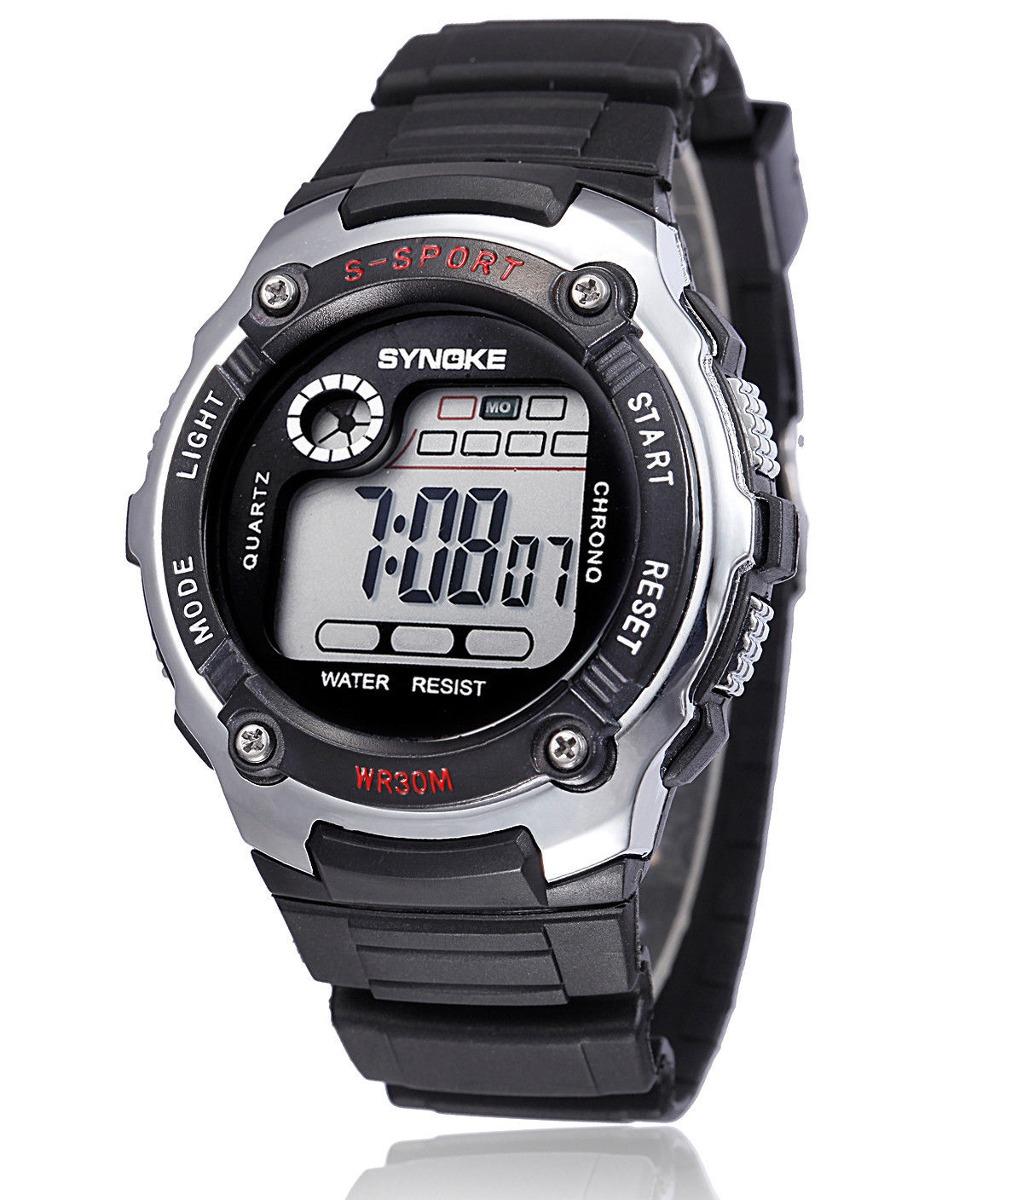 c60c6bfbdbda Niño Deportivo Relojes Electrónicos... (silver) -   41.990 en ...